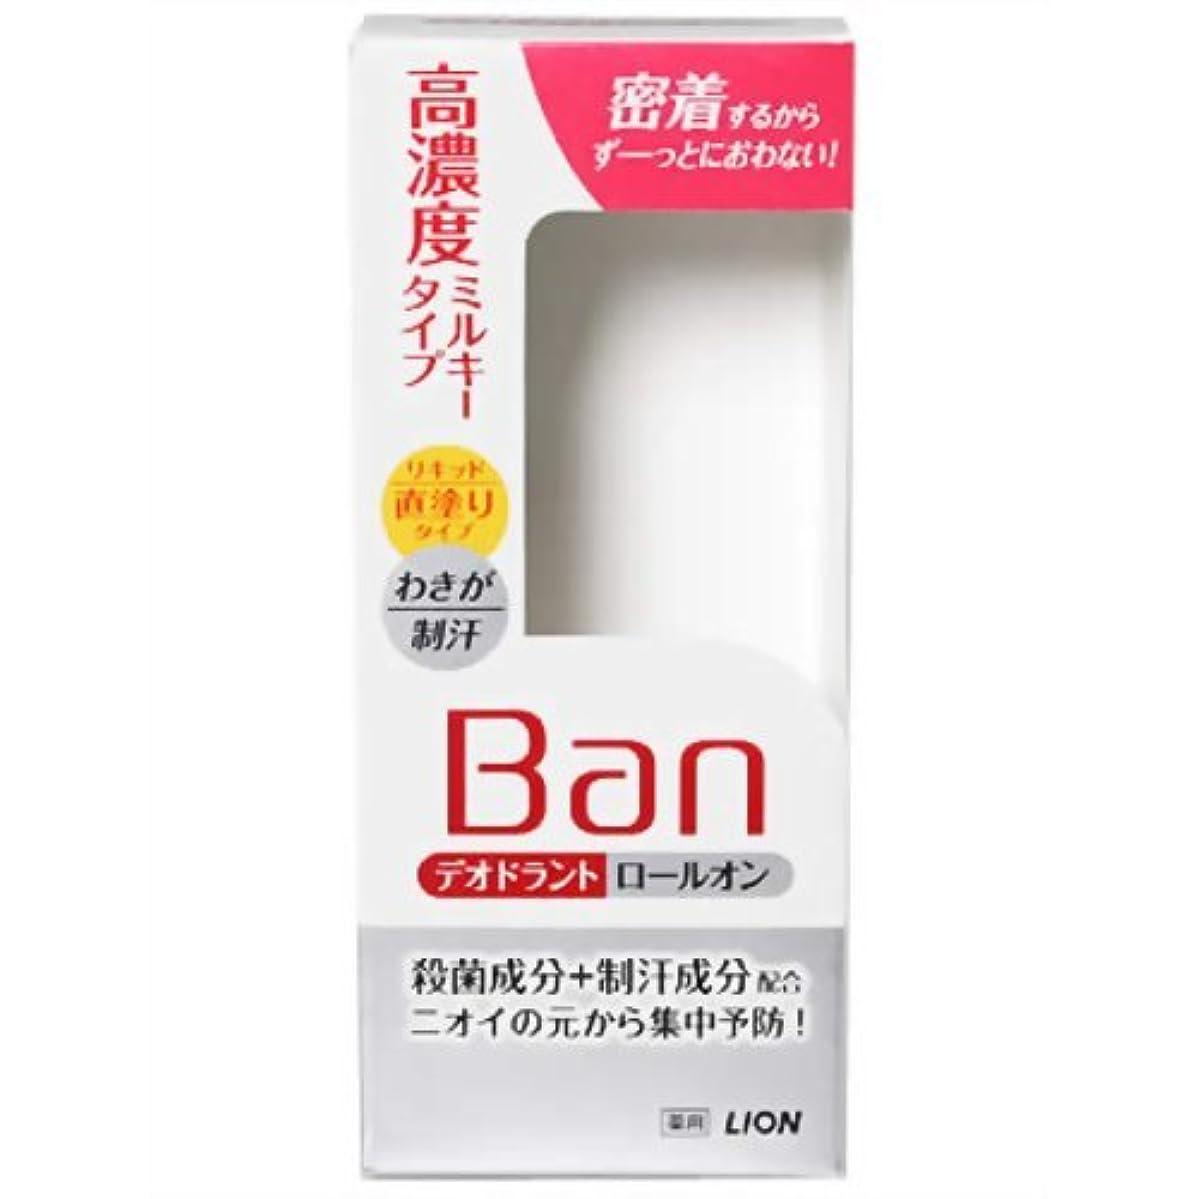 本部粗い人柄Ban(バン) デオドラントロールオン 高濃度ミルキータイプ 30ml